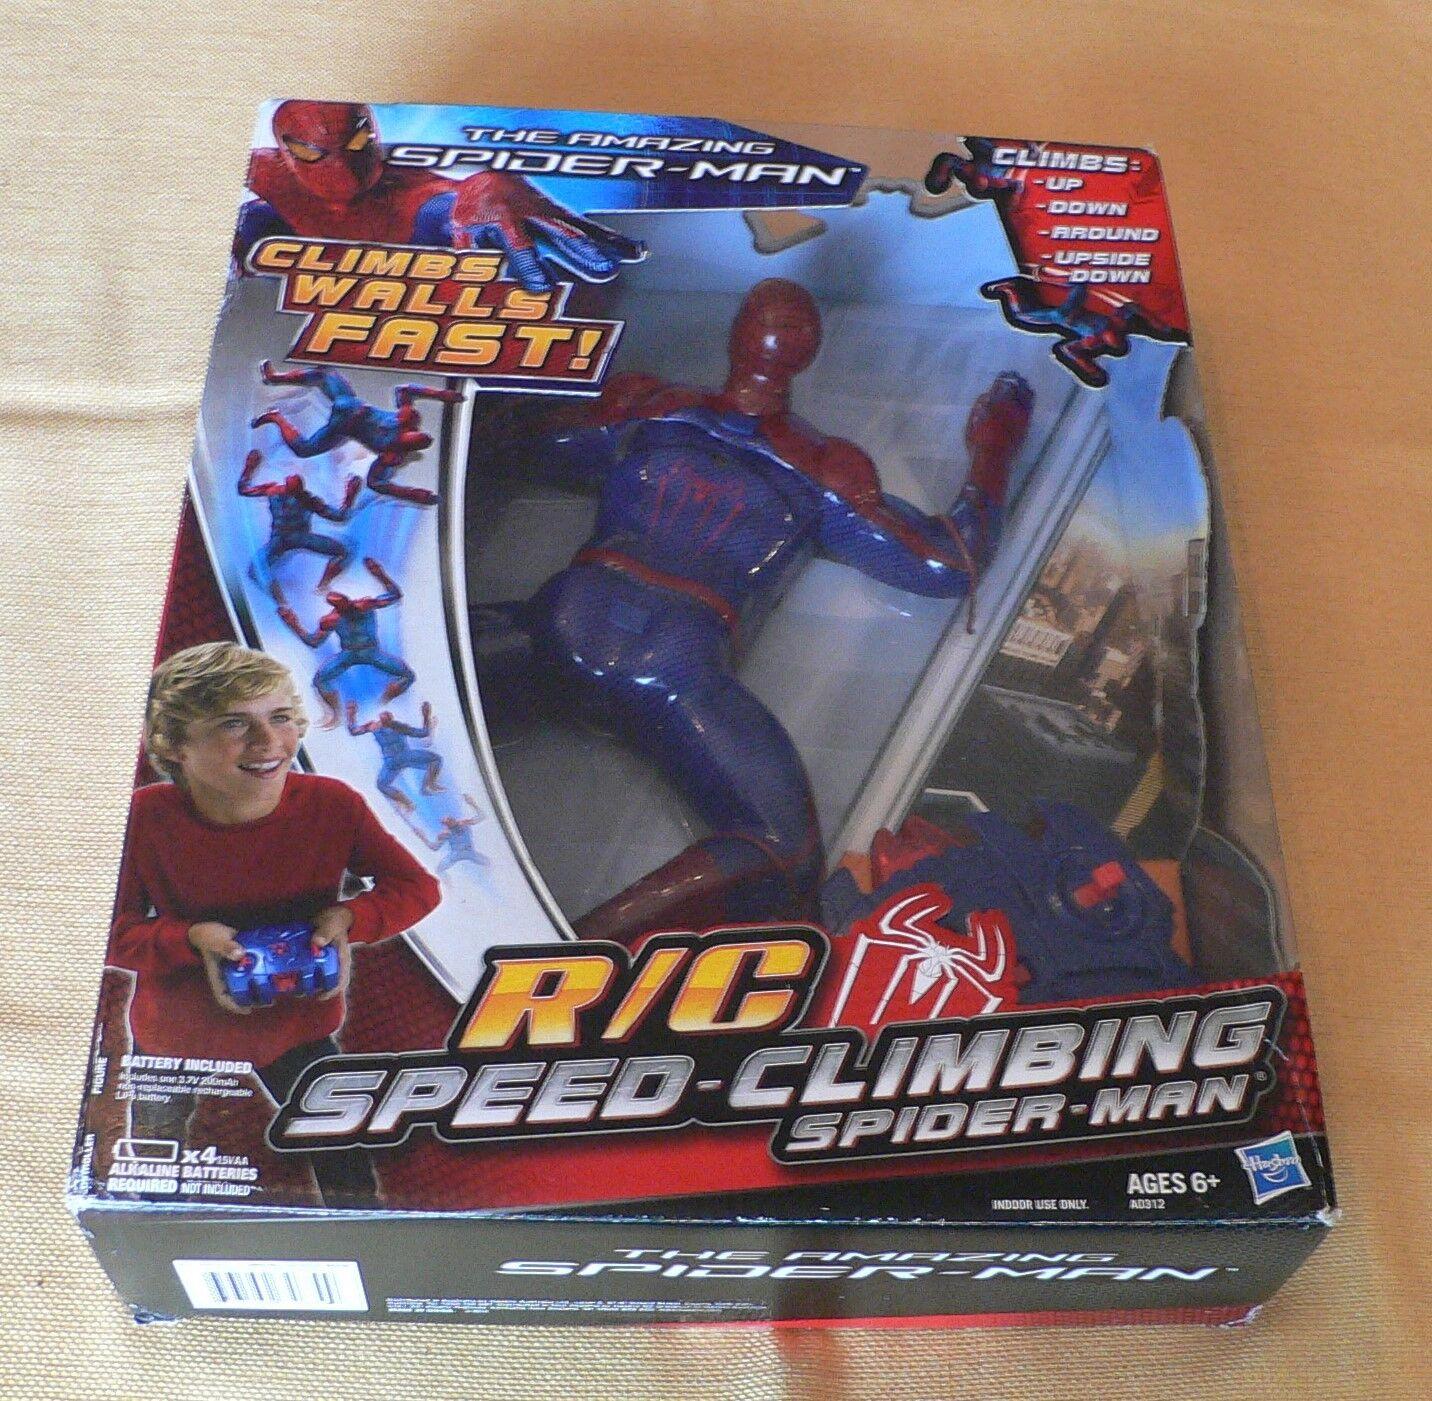 Neue 2012 hasbro r   c speed - klettern, spider - man spider - man